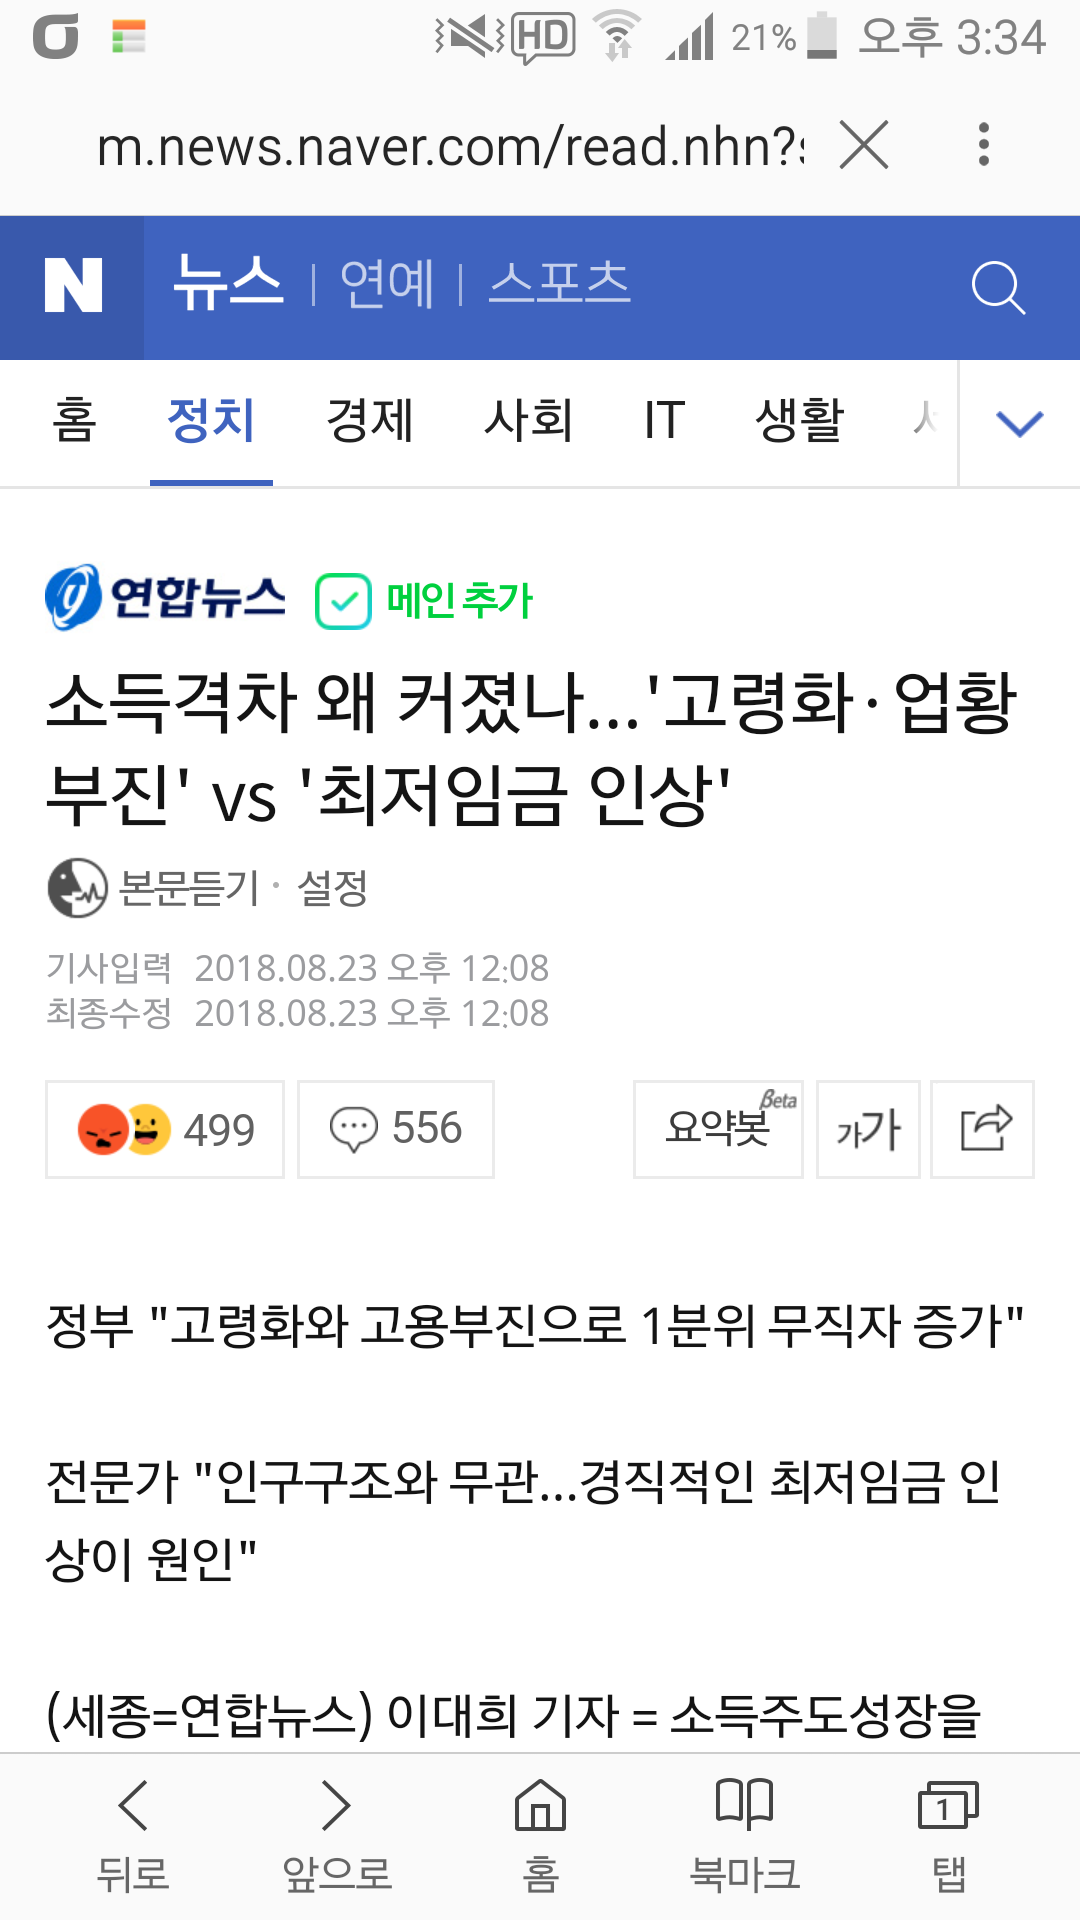 아따 김건모 뺨치는 핑계거리네~